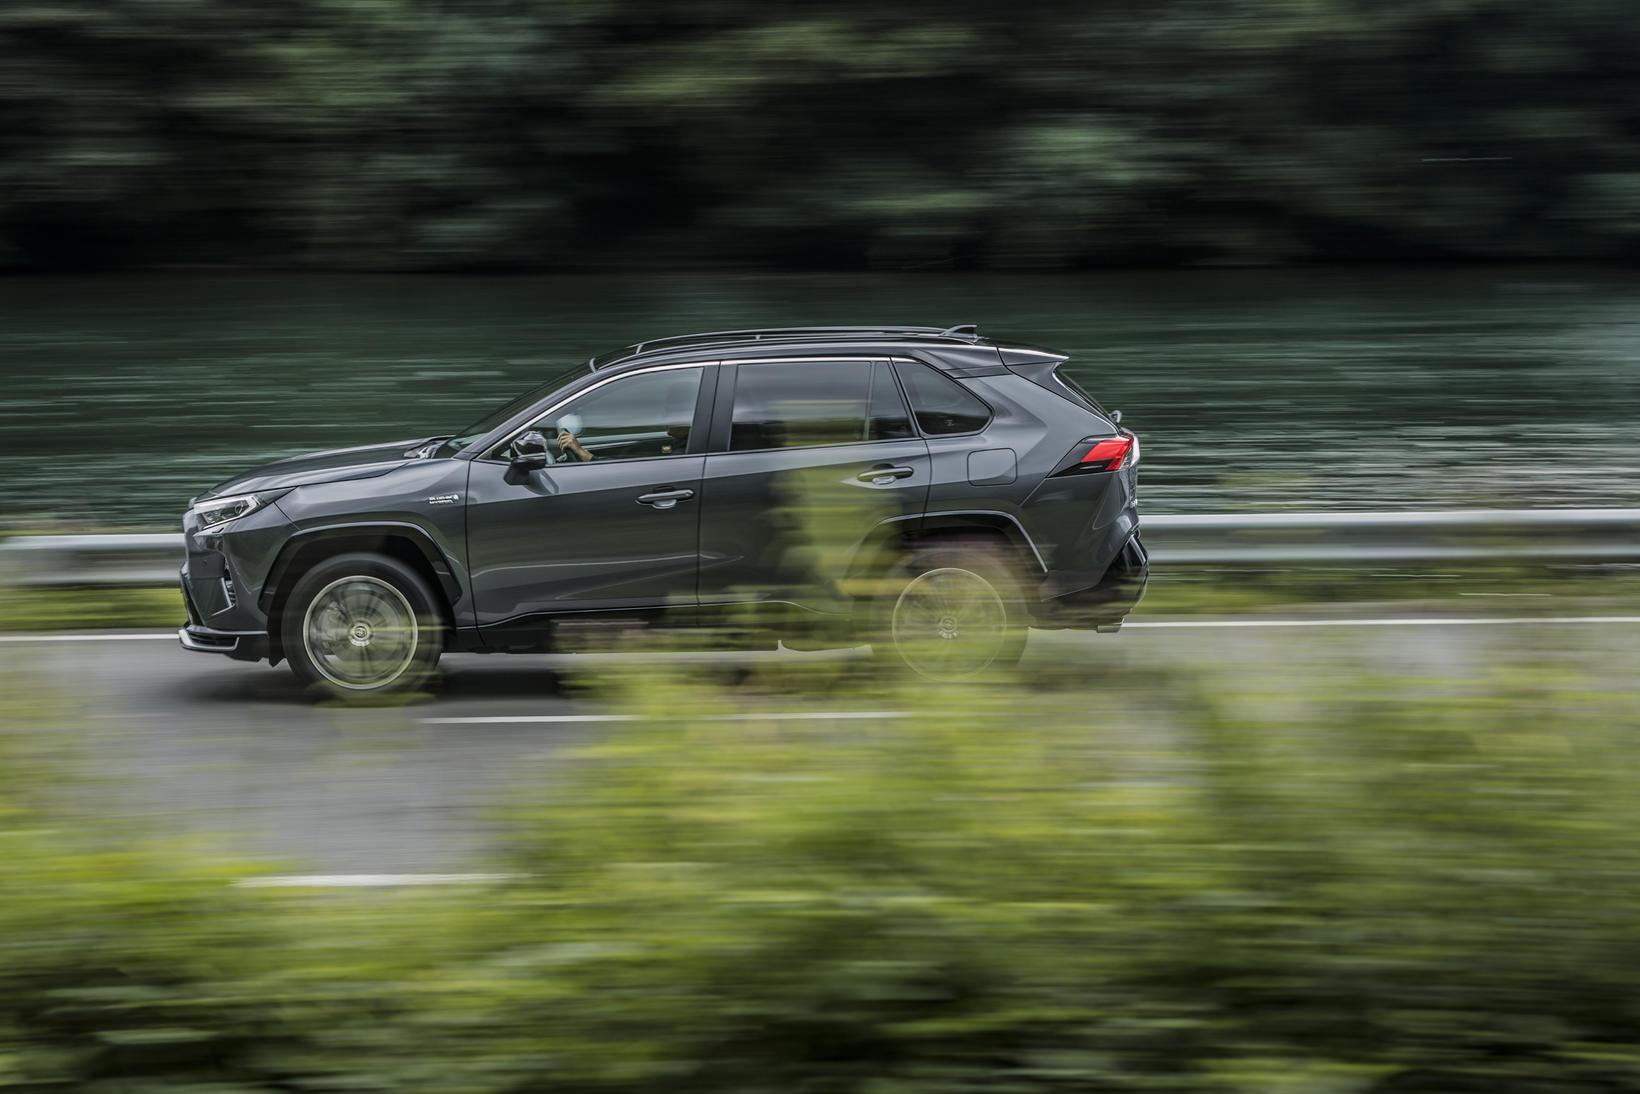 Hin nýja útgáfa Toyota RAV4 er tengiltvinnbíll. Honum verður stungið …